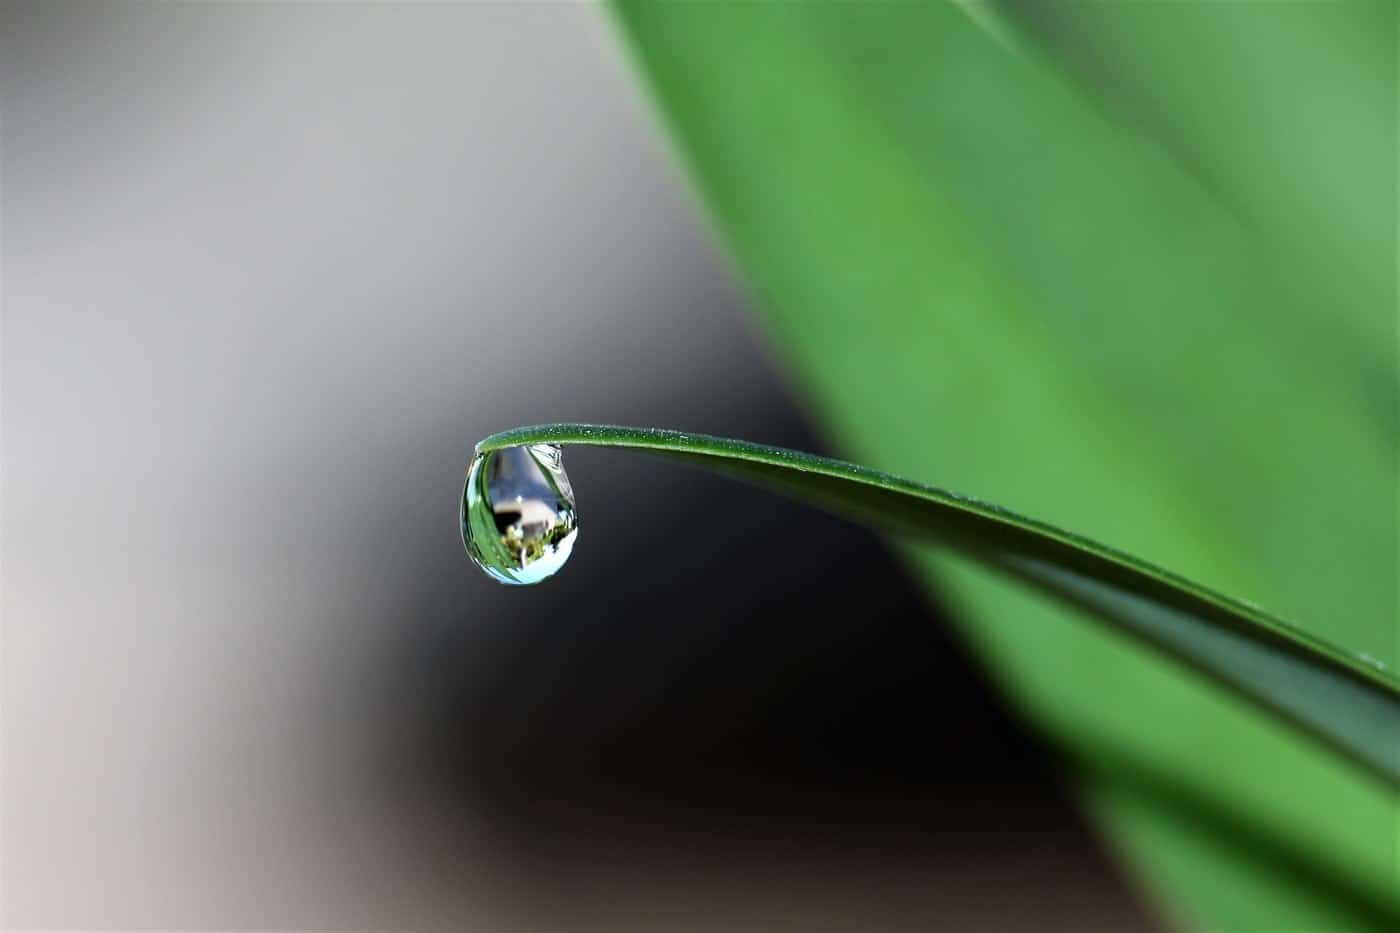 dewdrop on a leaf